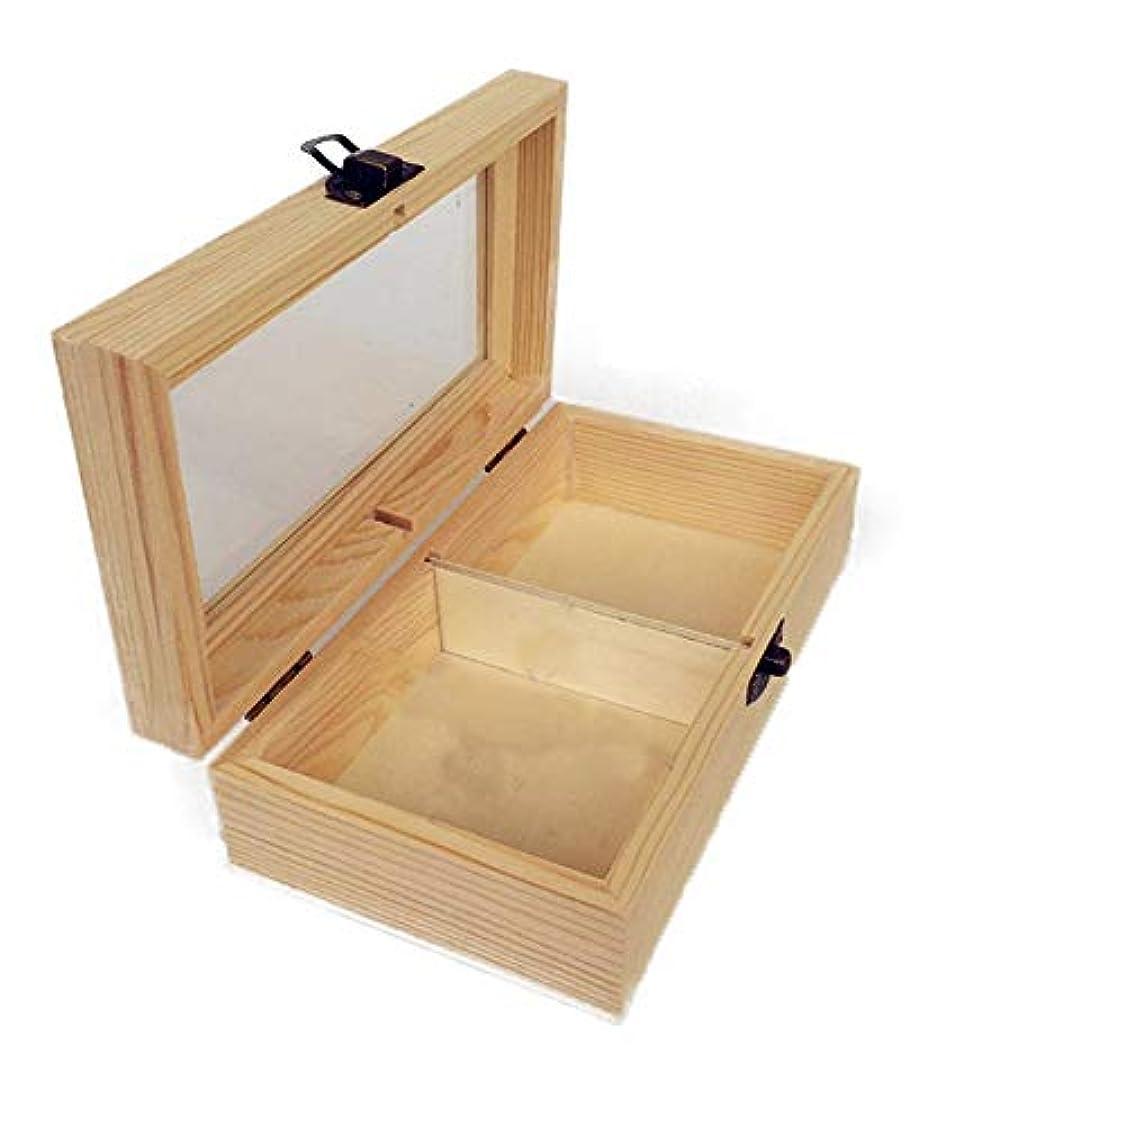 好意ふざけたウガンダエッセンシャルオイルストレージボックス プレゼンテーションのために手作りの木製ギフトボックスパーフェクトエッセンシャルオイルケースにエッセンシャルオイルは、被害太陽光からあなたの油を保護します 旅行およびプレゼンテーション用 (色 : Natural, サイズ : 18X10X5.5CM)